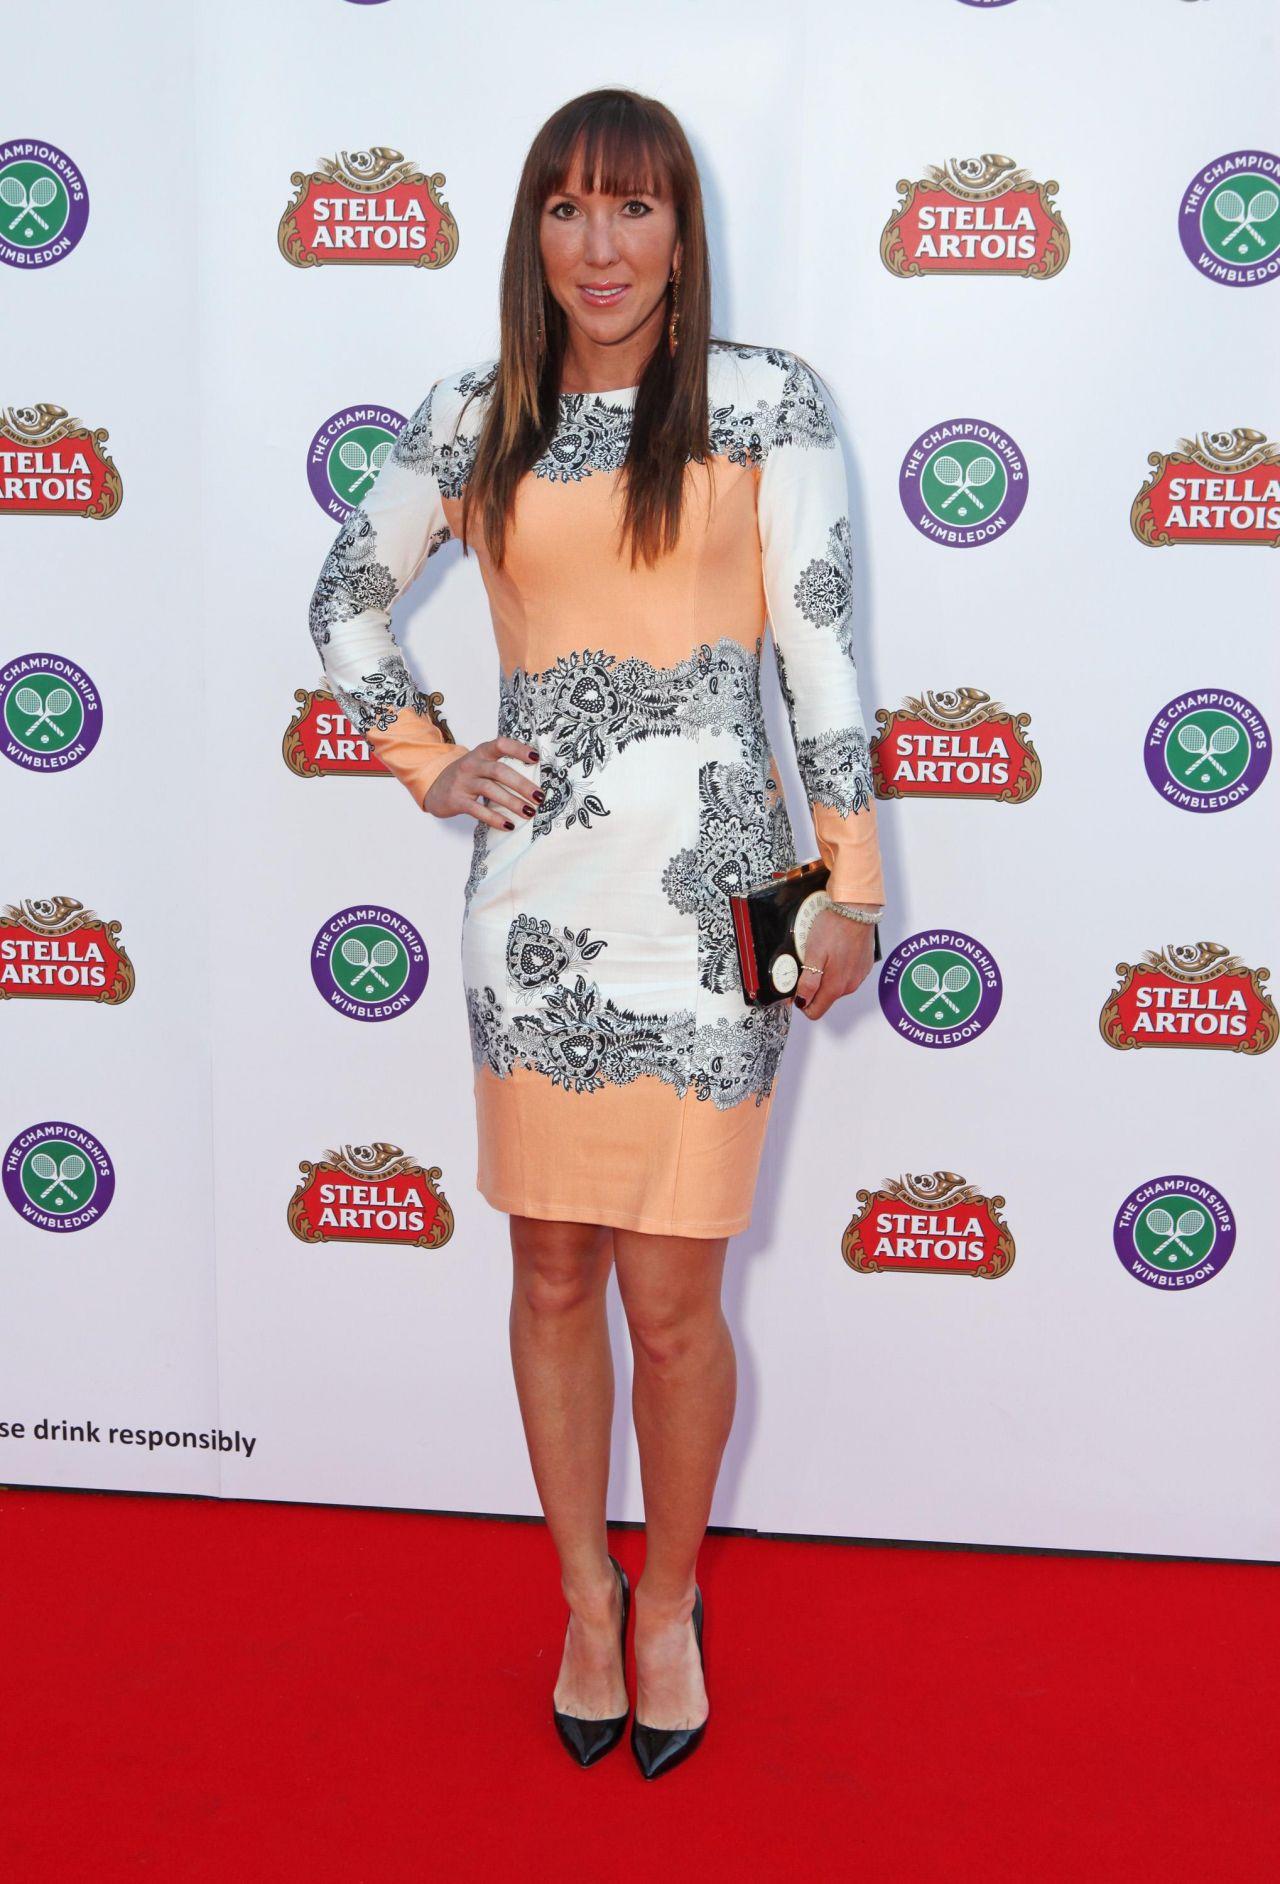 Jelena Jankovic Stella Artois Wimbledon 2014 Launch